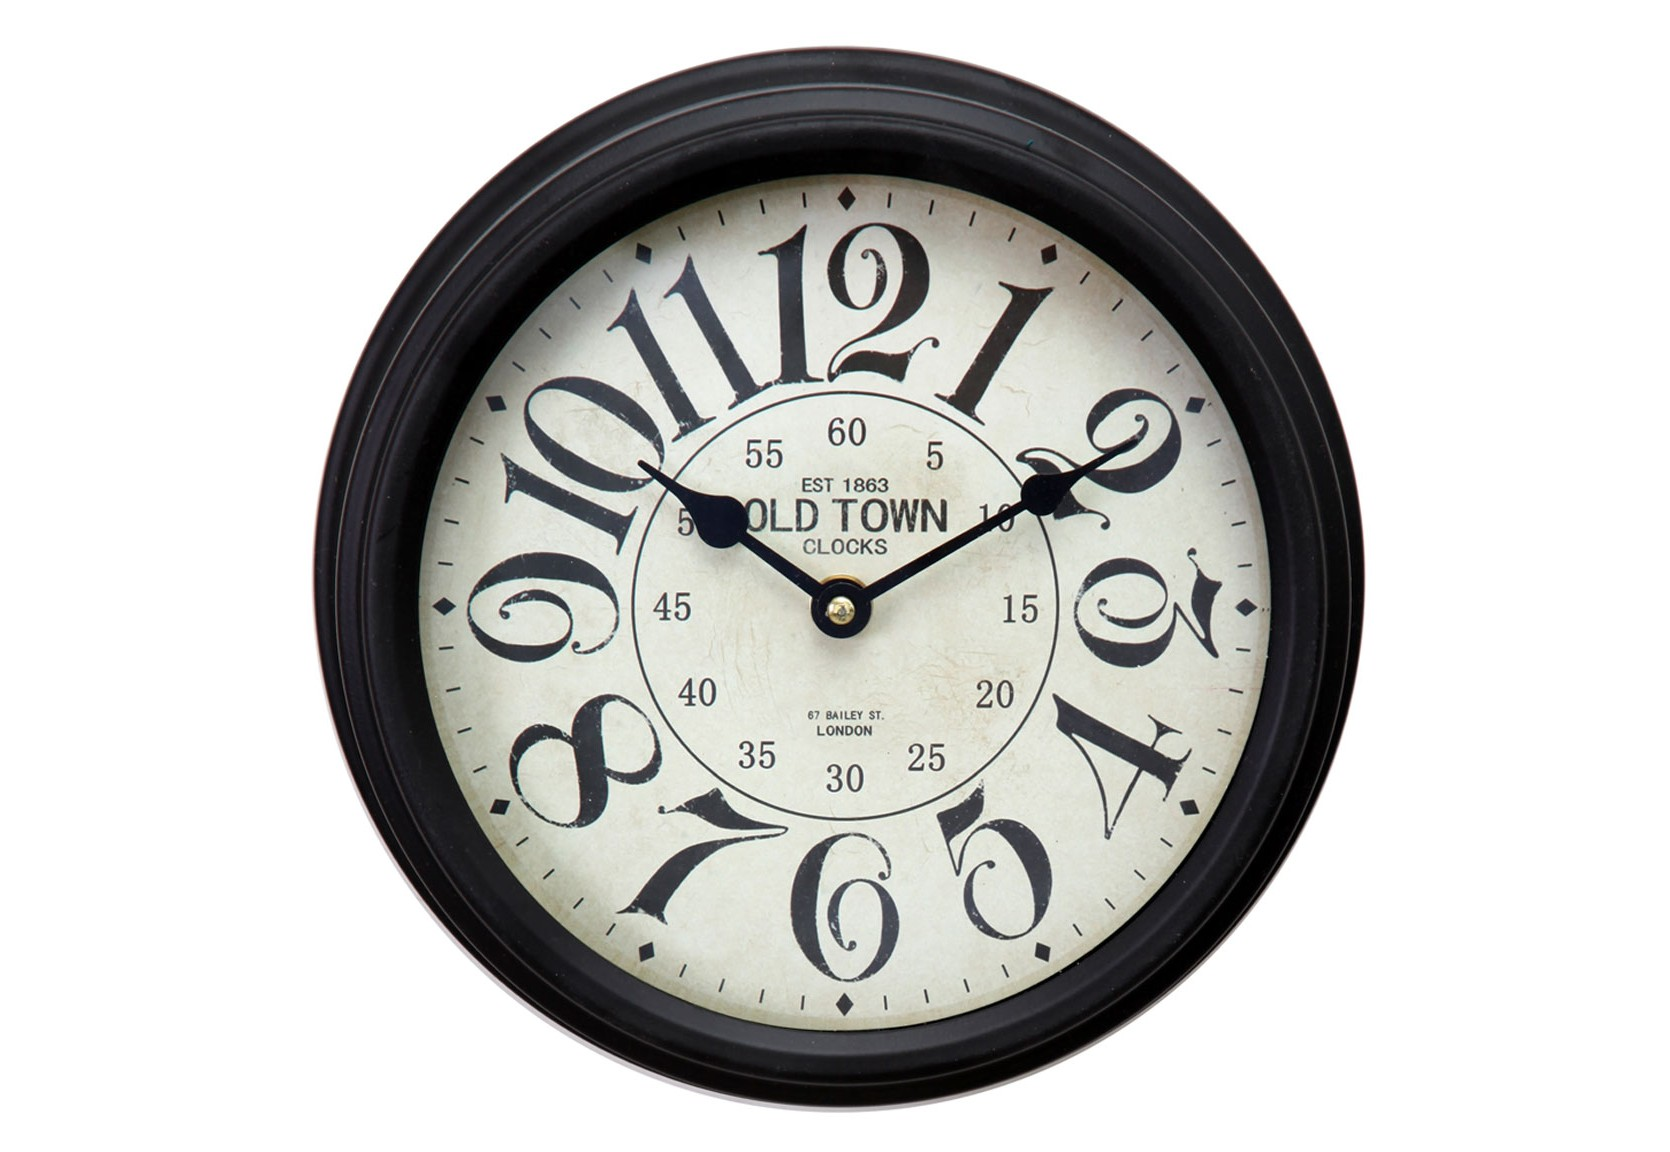 ЧасыНастенные часы<br><br><br>Material: Металл<br>Глубина см: 8.0